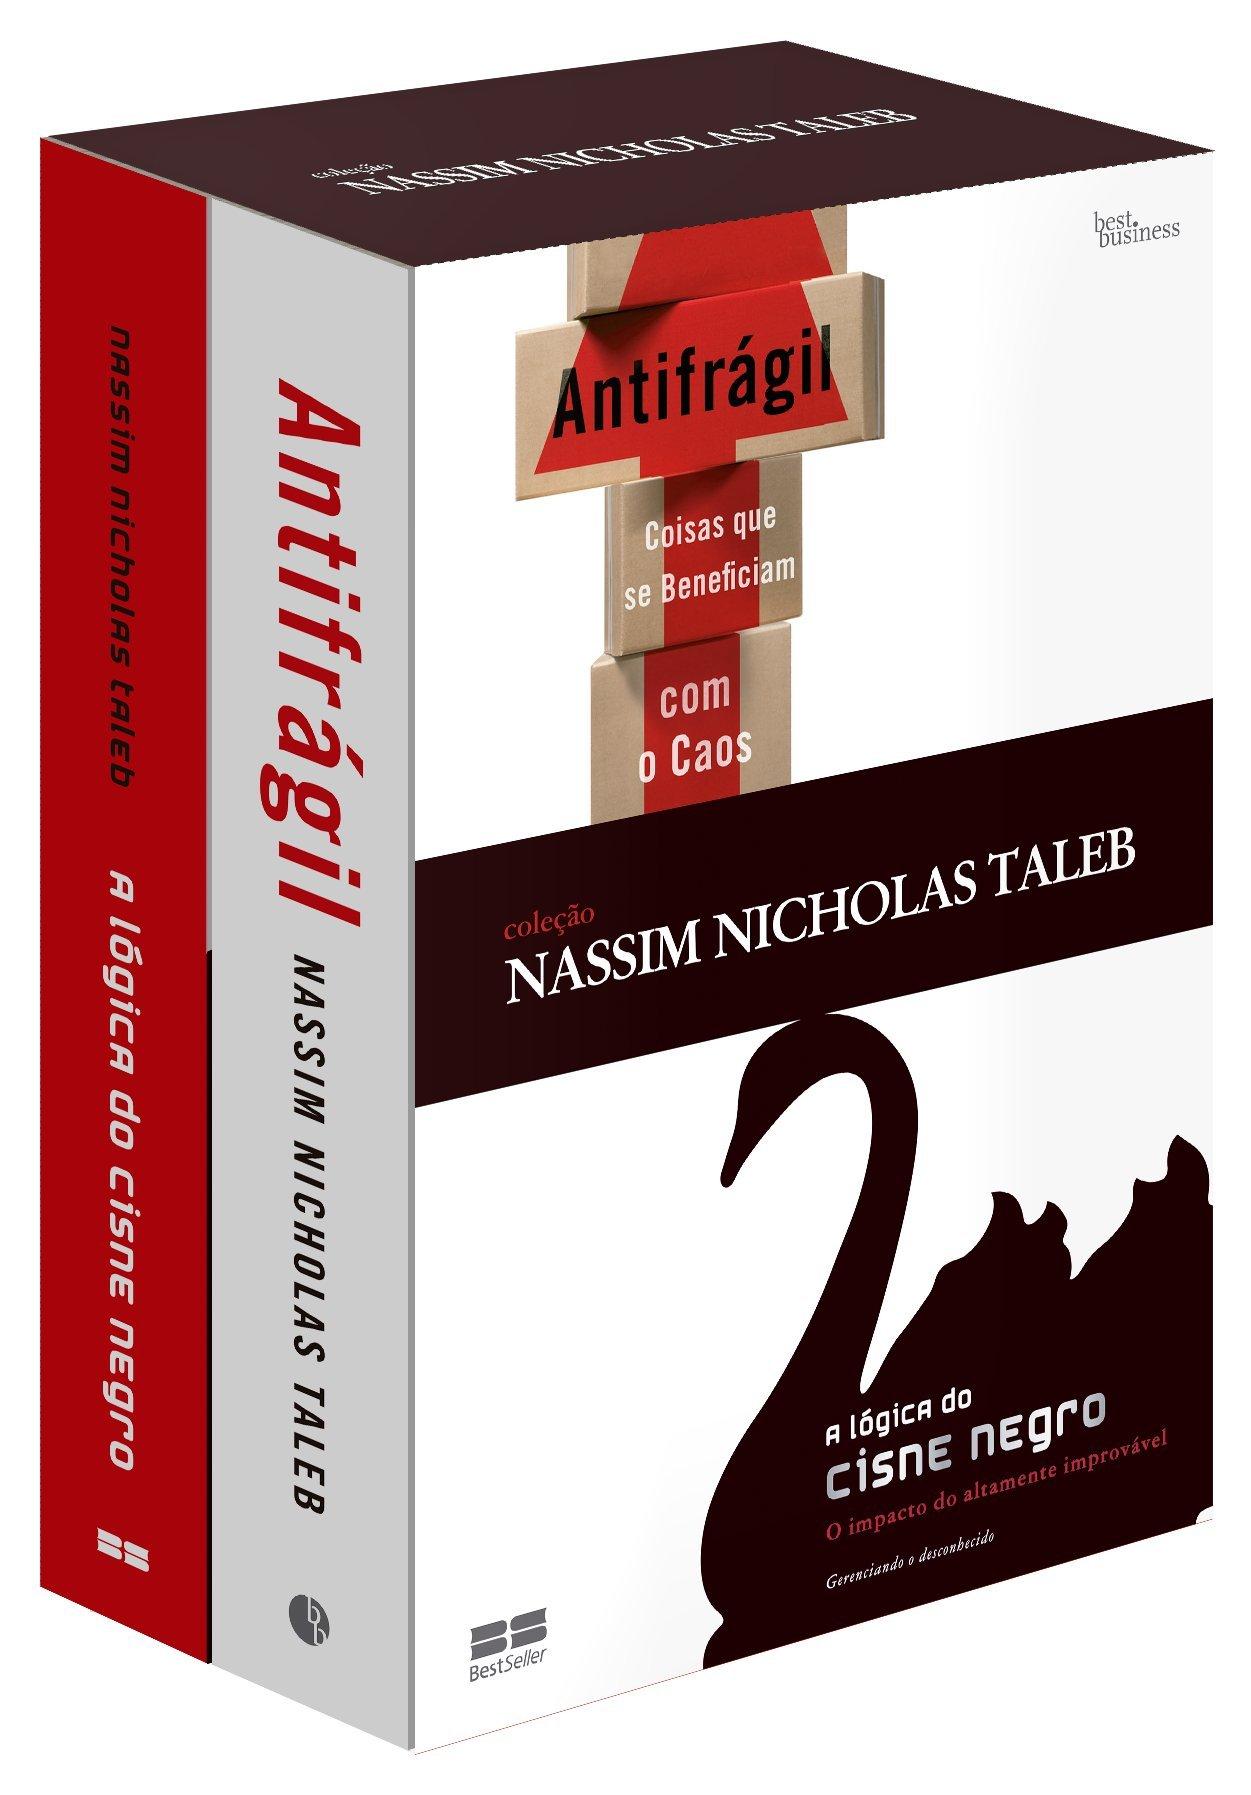 Box Antifrágil e A Lógica do Cisne Negro